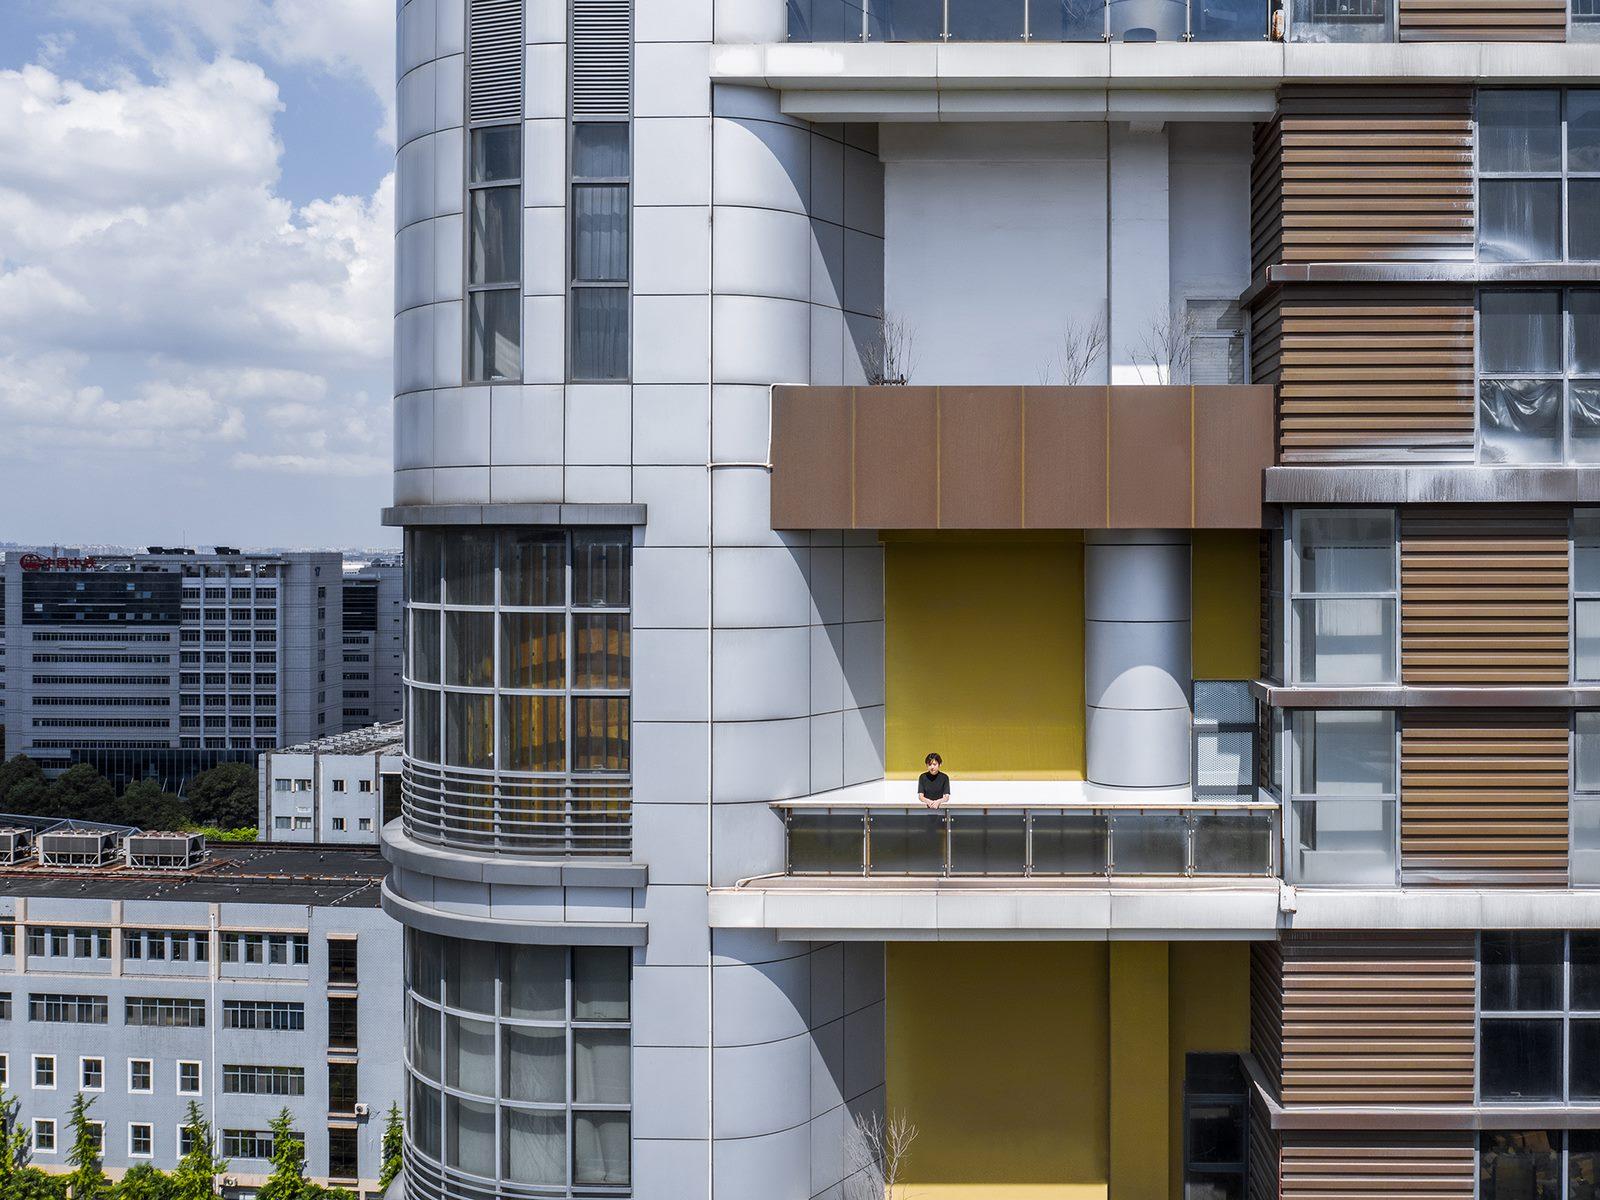 Modelos de una ciudad futurista 19